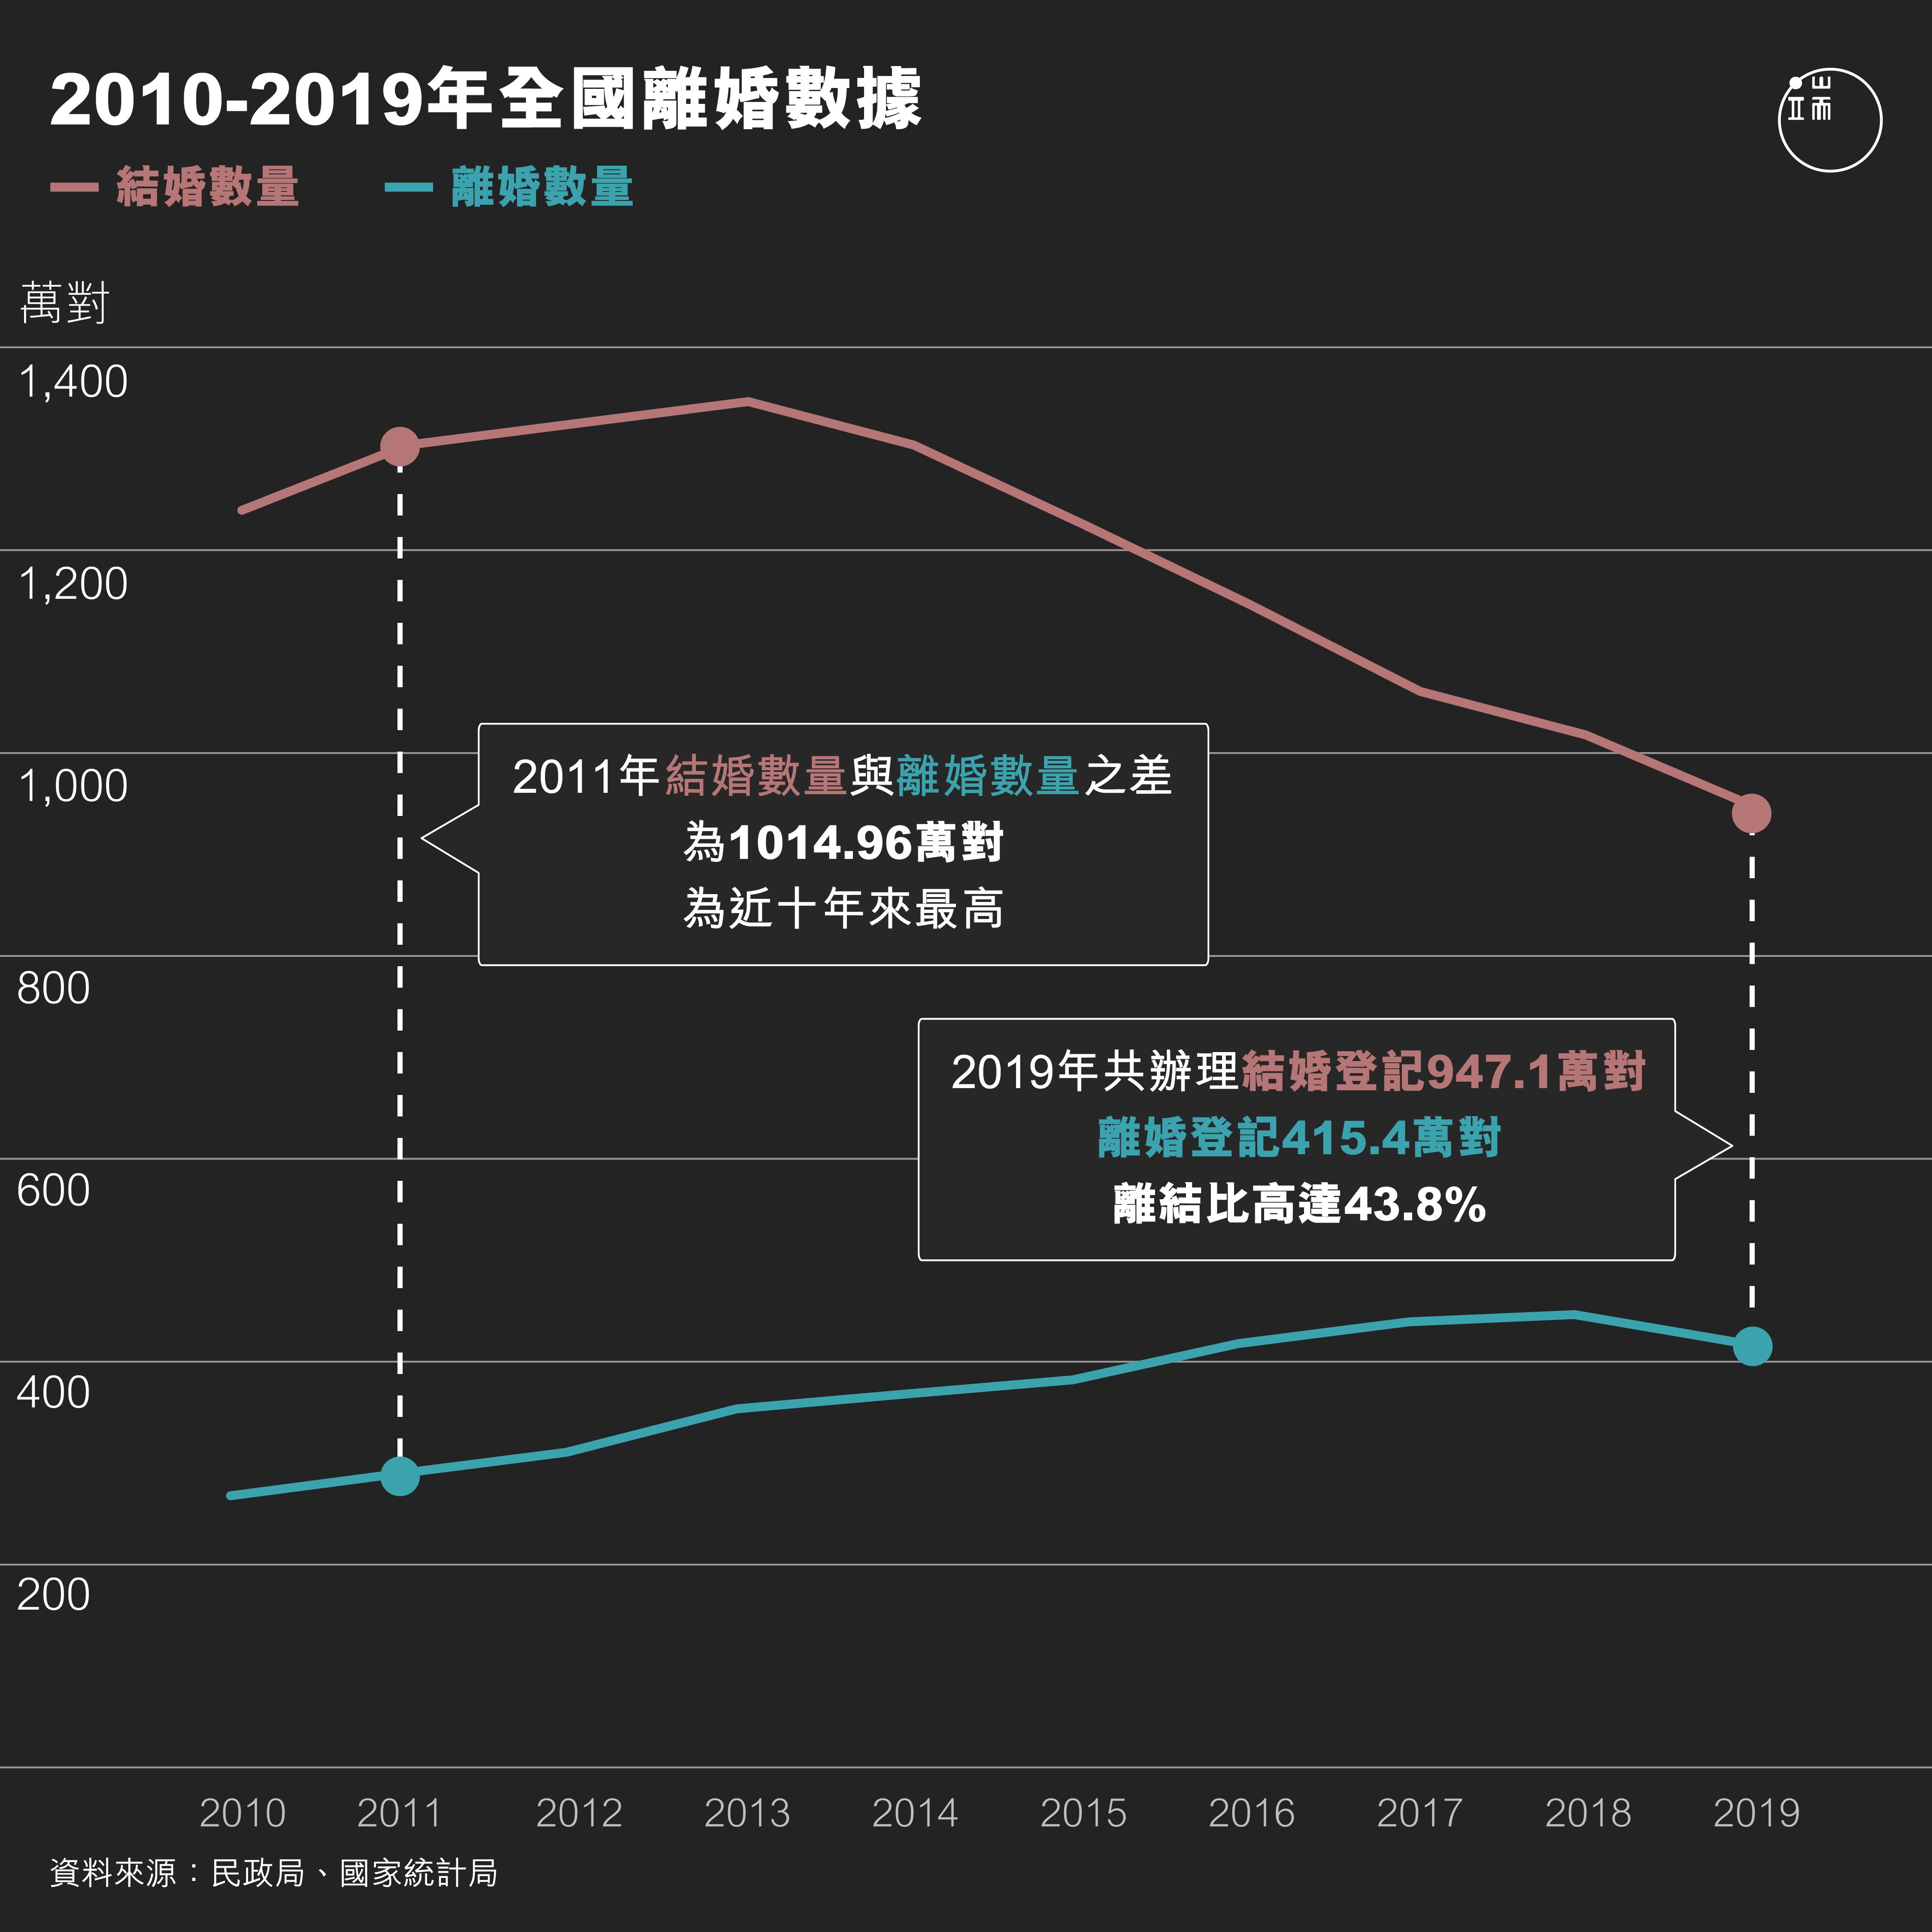 2010-2019全國結婚同離婚數據對比